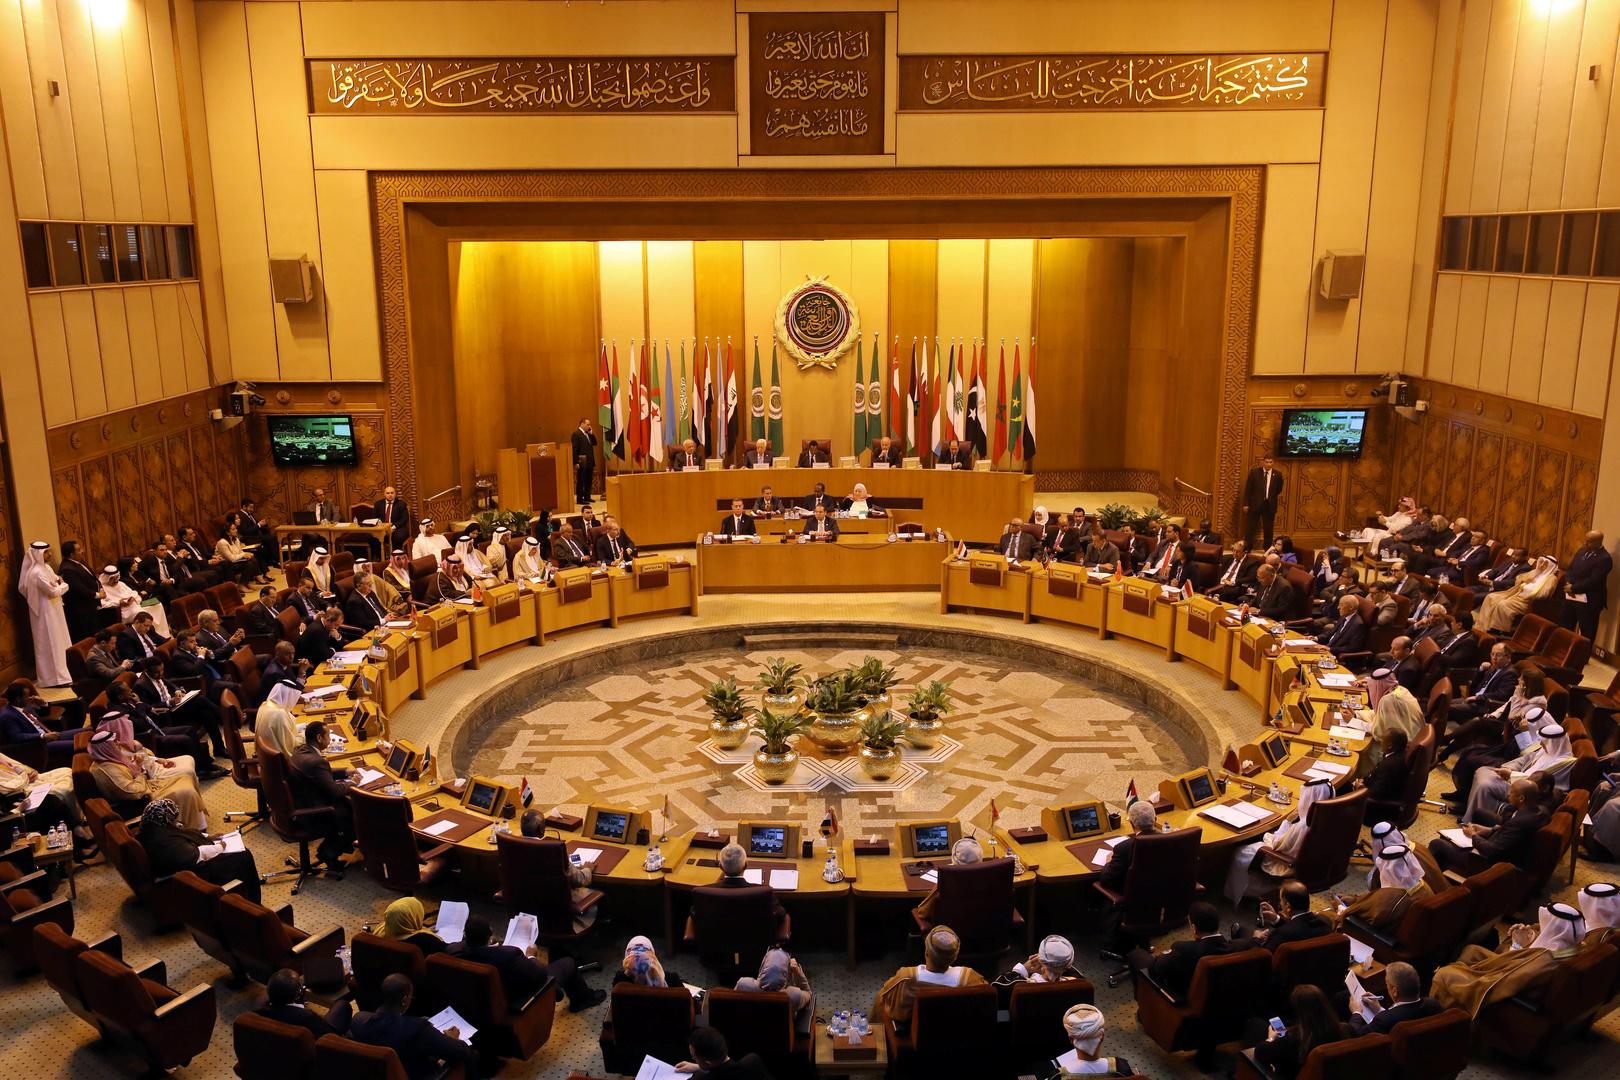 الجامعة العربية: تركيا أصبحت تقلد إيران في منهجها تجاه العالم العربي